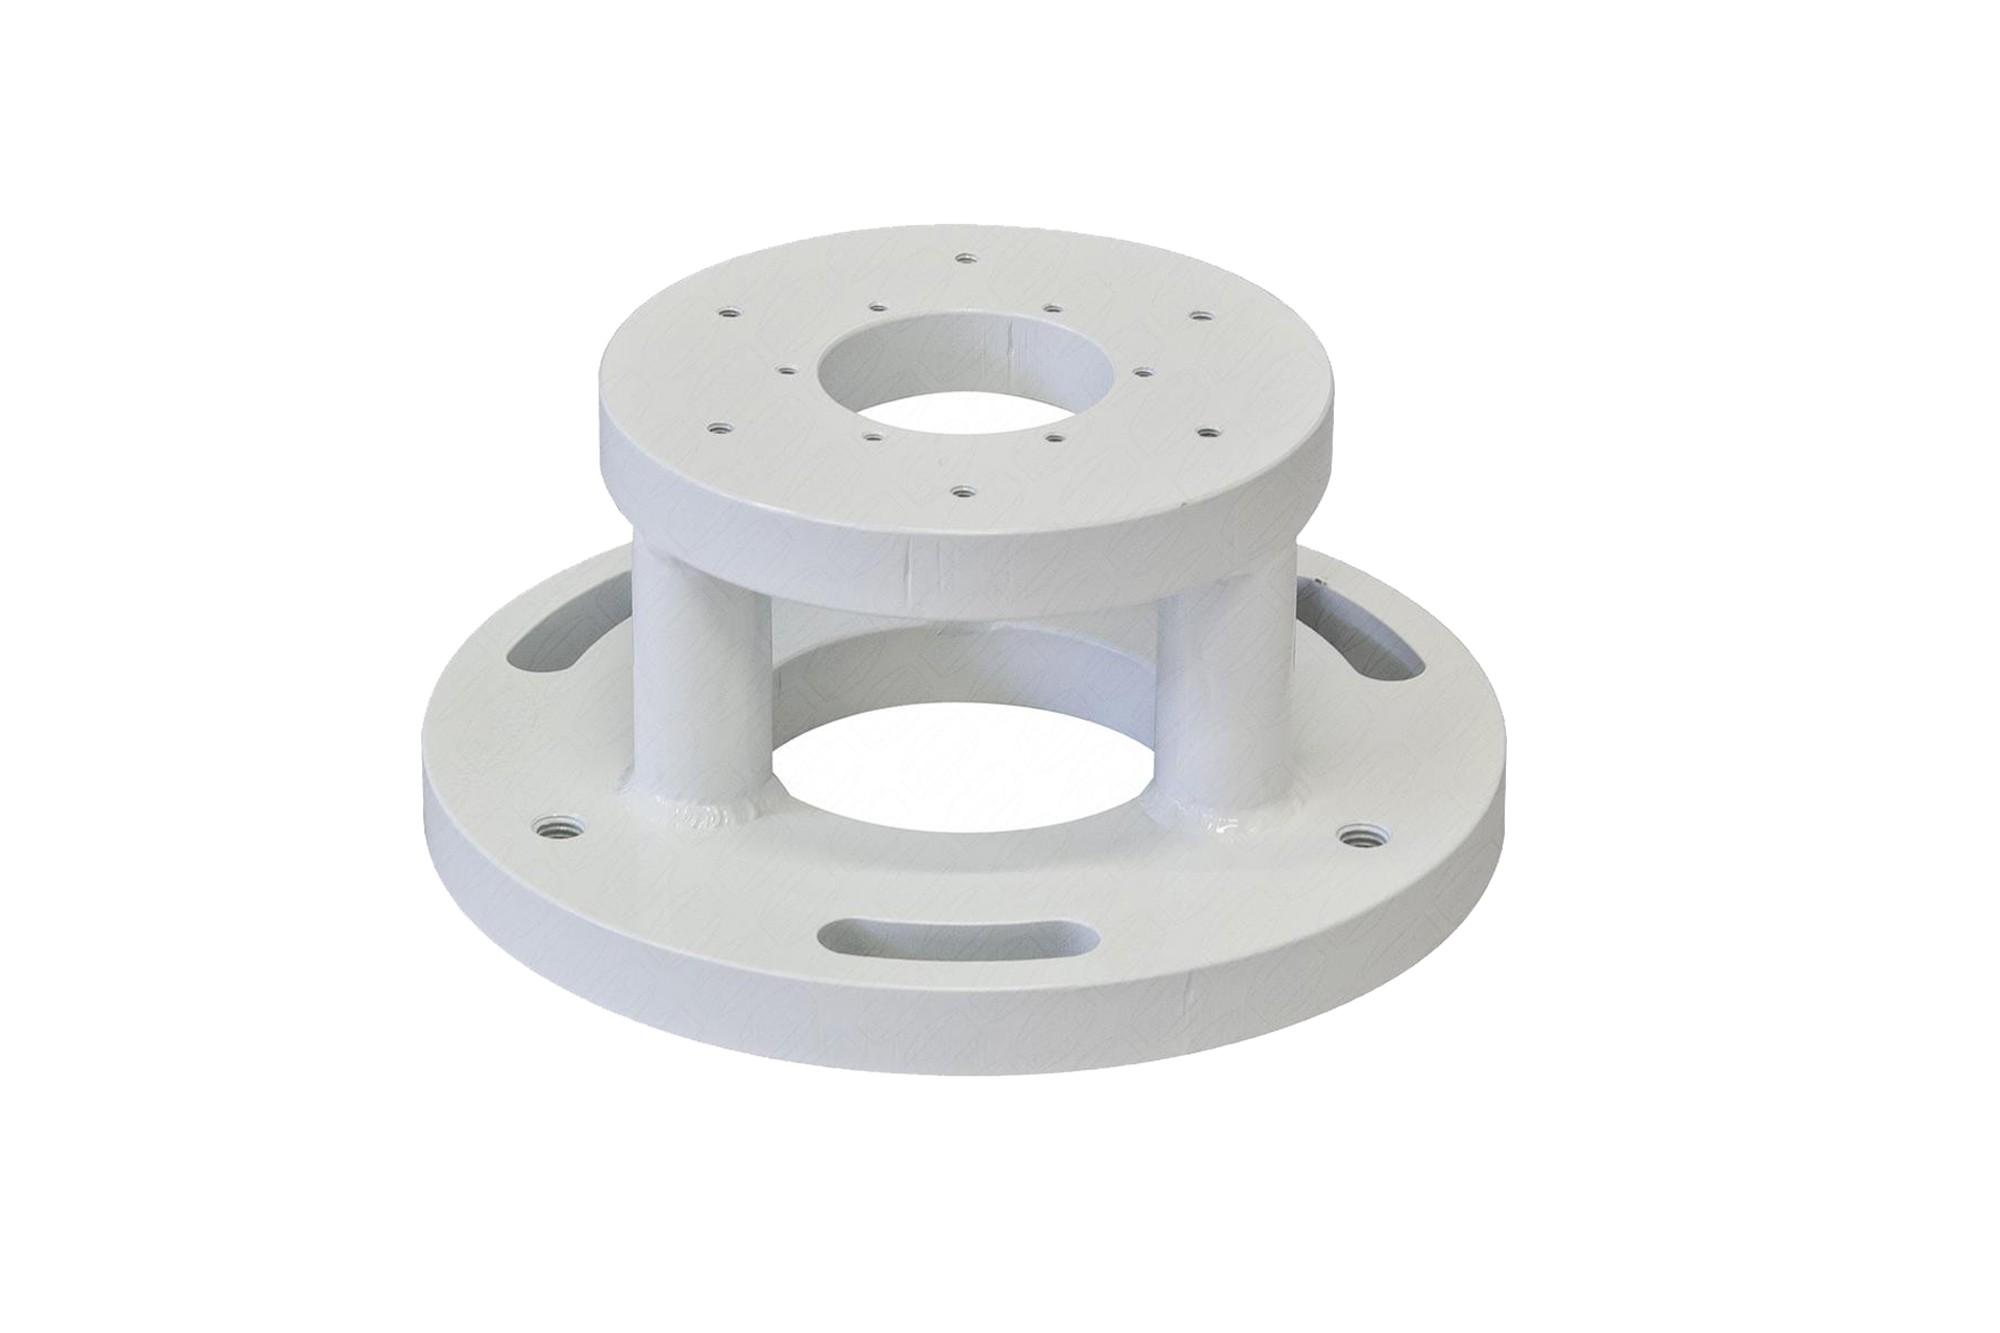 Baader Steel Leveling Flange for GM 1000